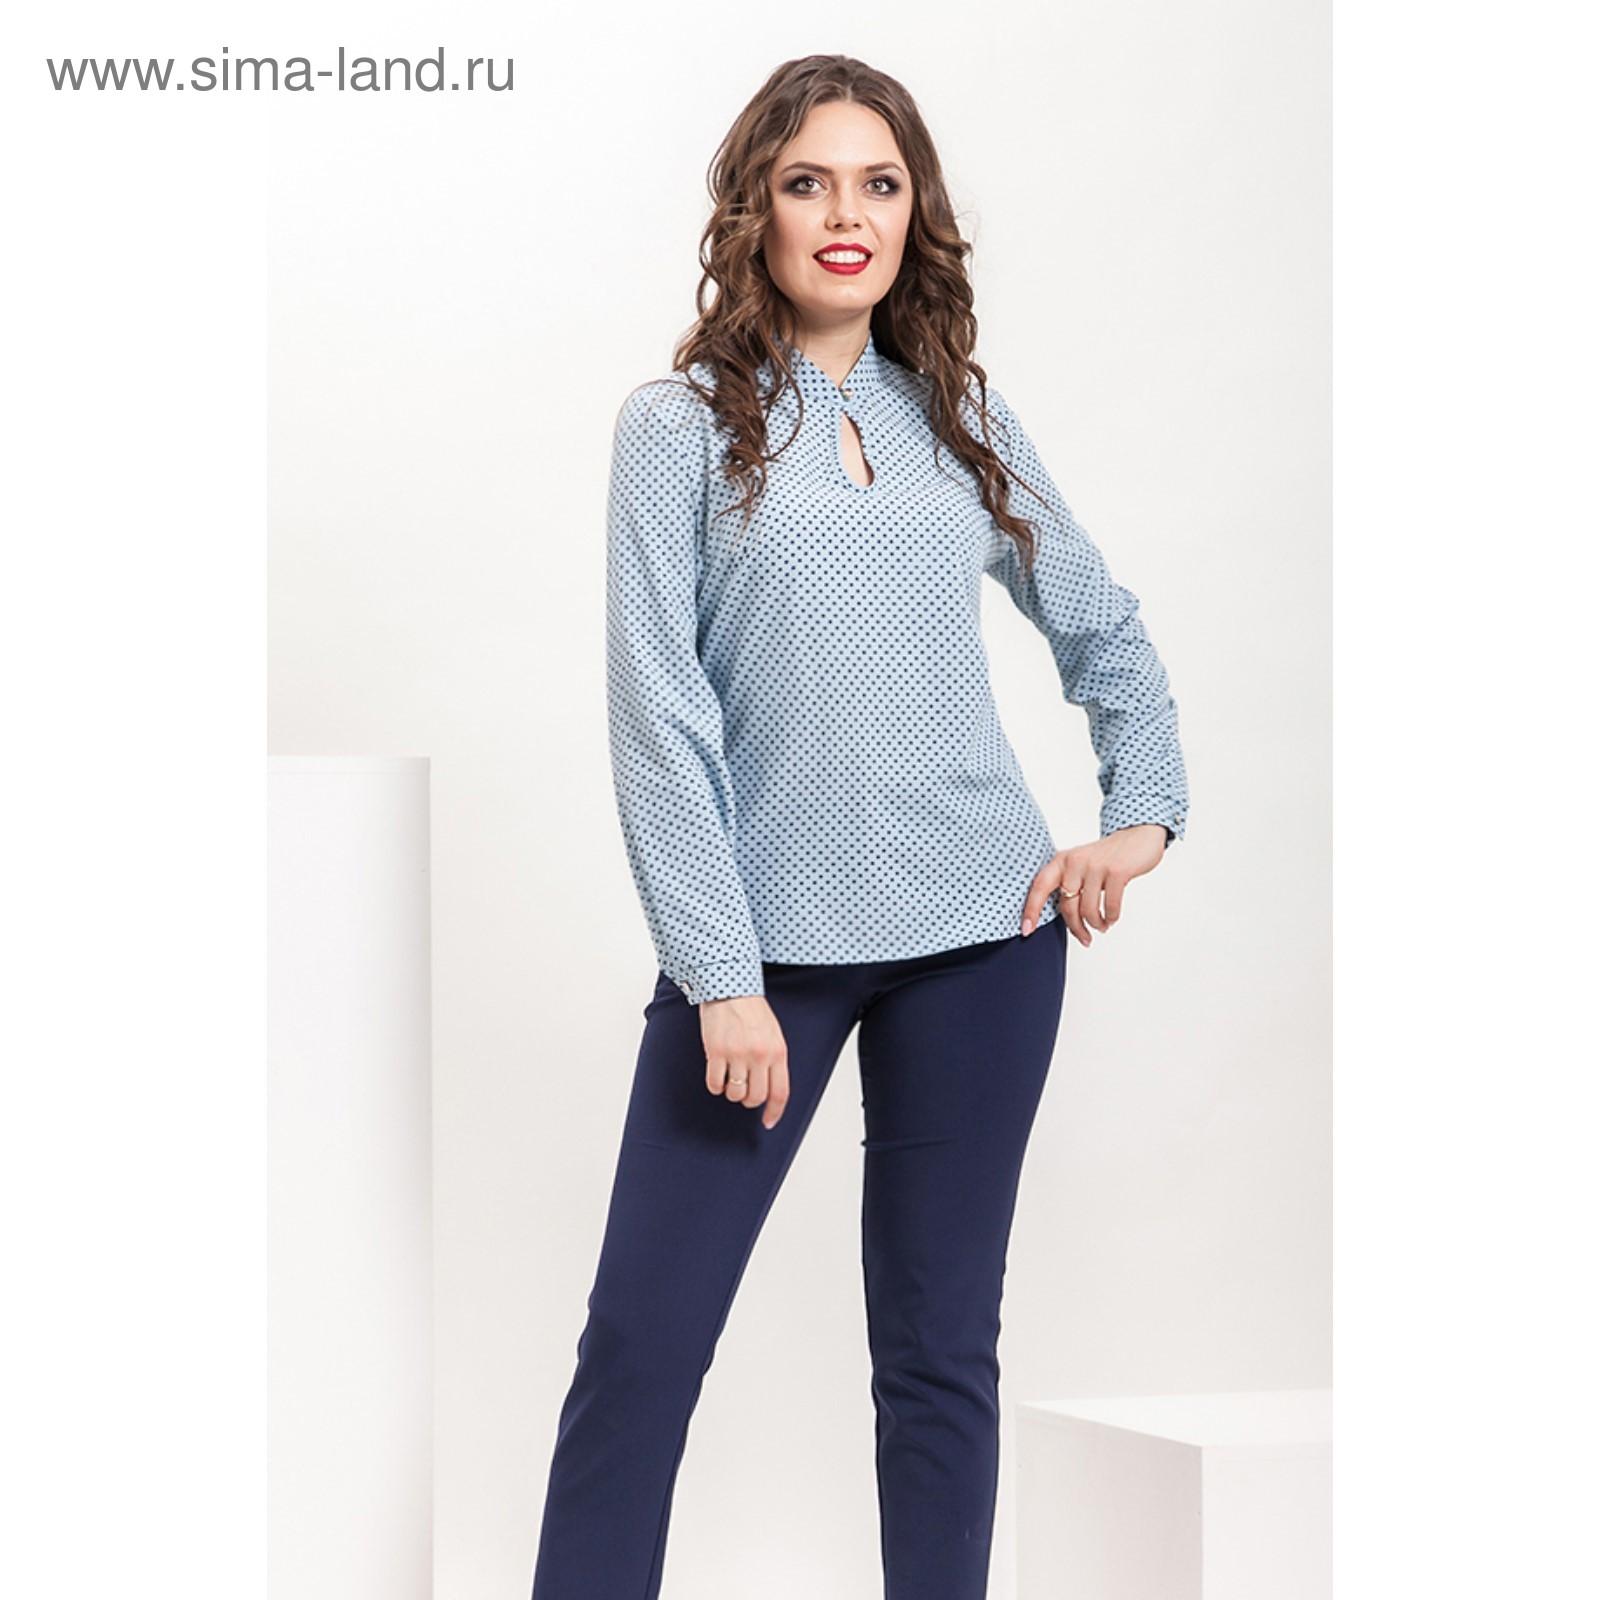 67114ab32c98 Блуза женская Б-158 4, размер 48, цвет голубой+синий (3687881 ...